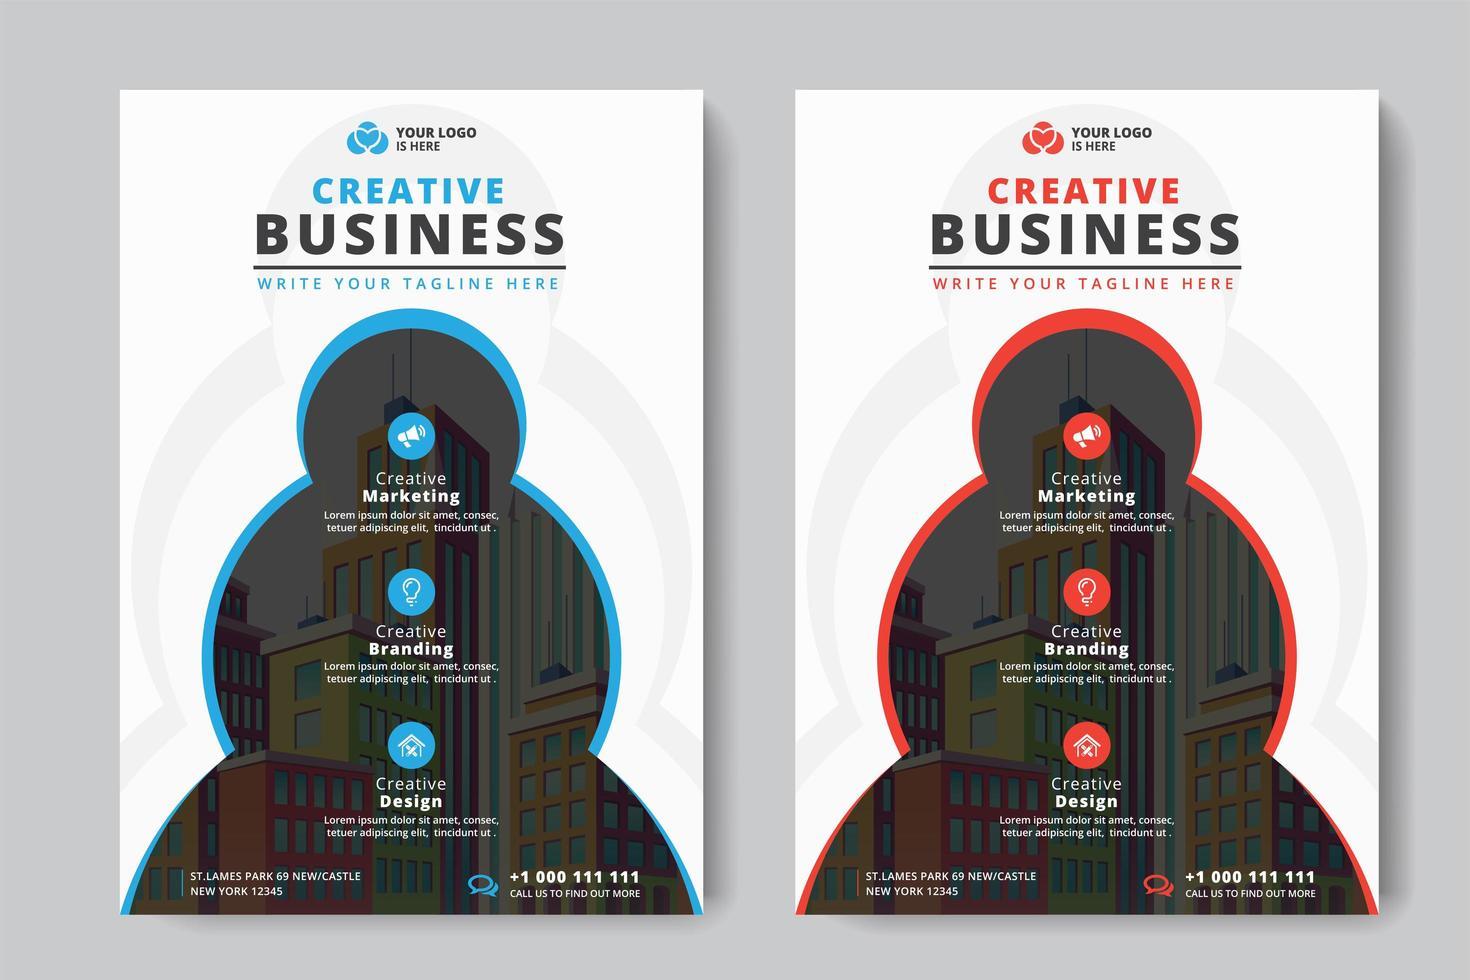 Círculos de folhetos de negócios tamanho A4 A4 2 e cor vermelha e azul vetor